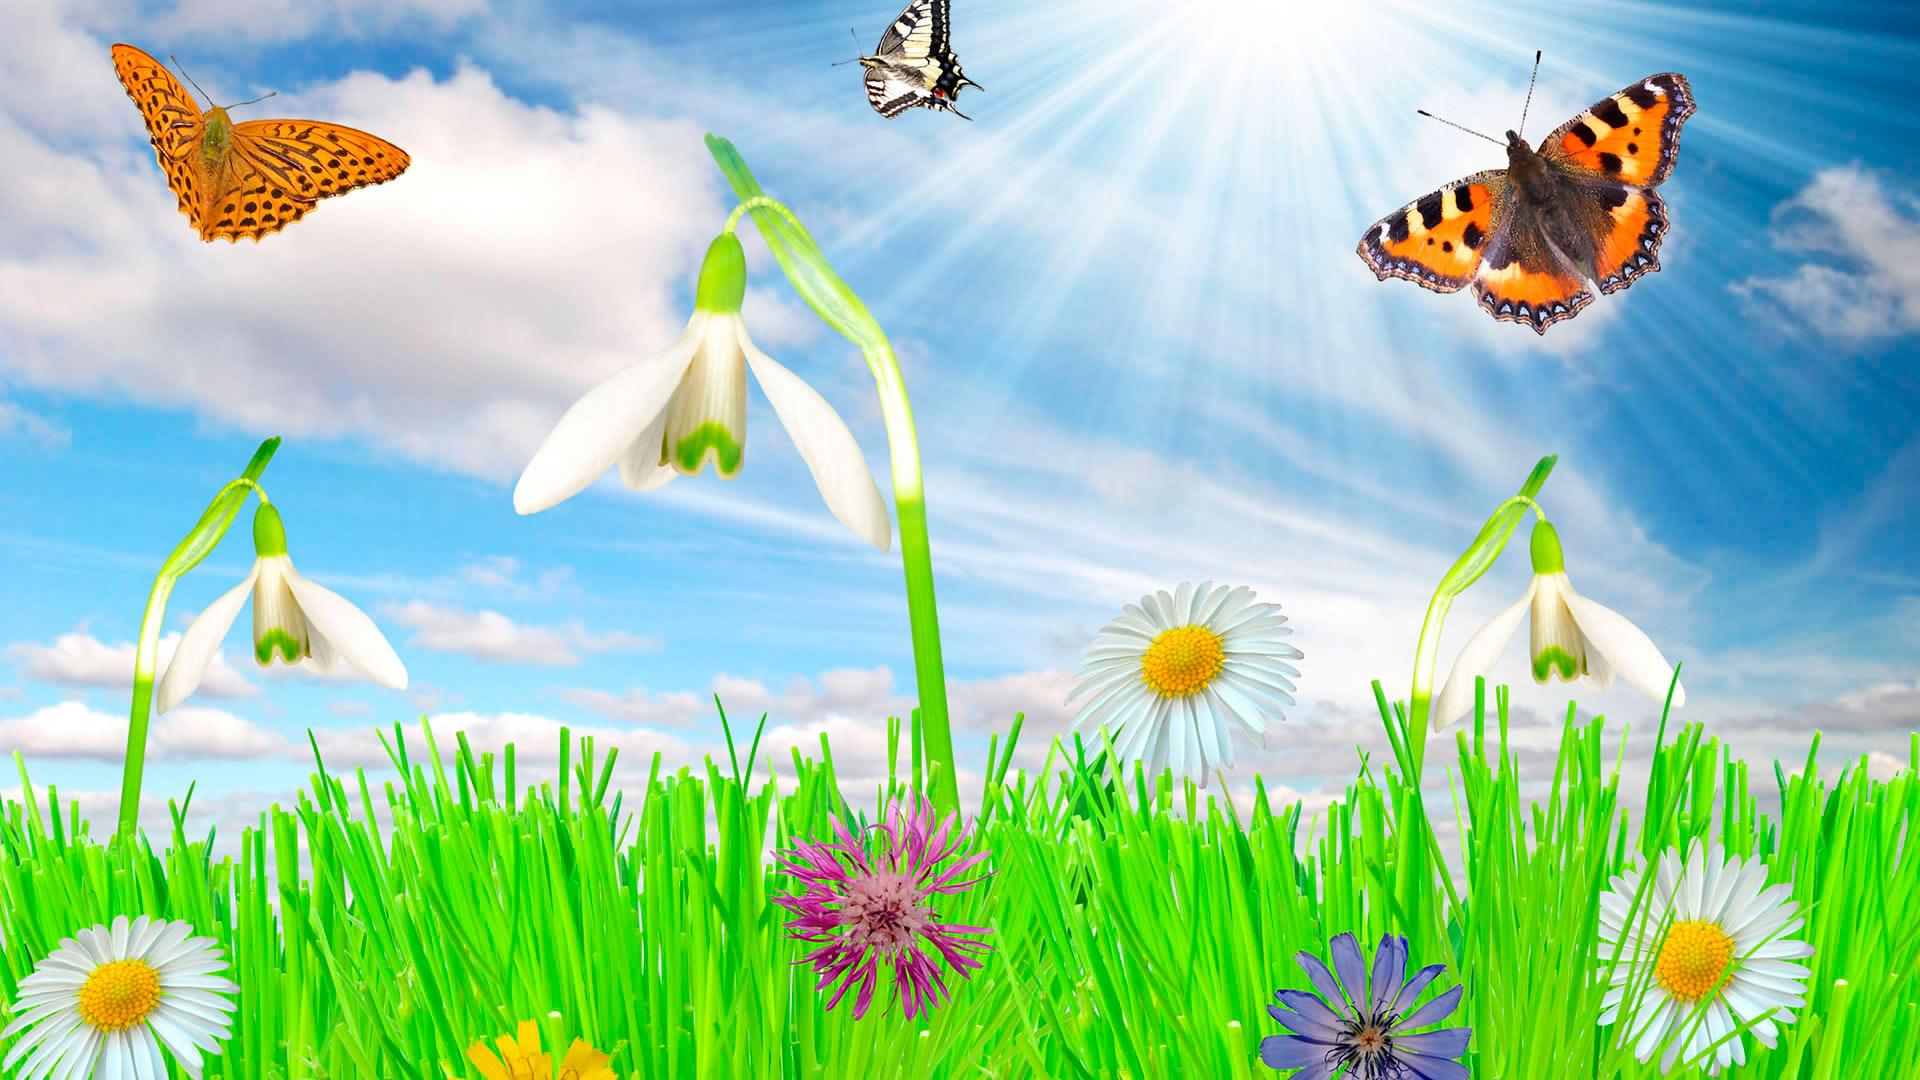 Широкоформатные картинки весны на рабочий стол